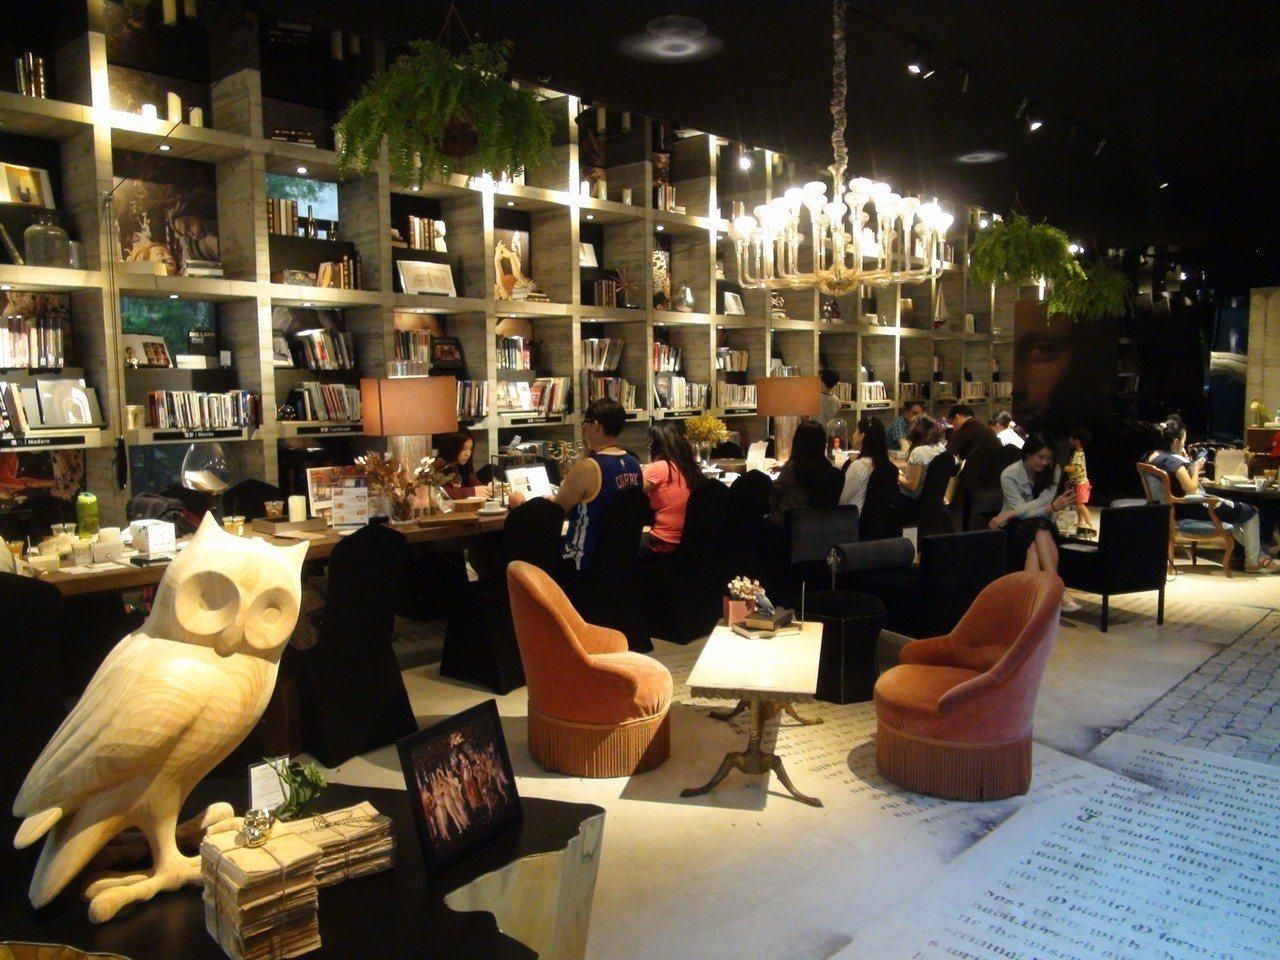 台中市「樂樂書屋」,進書屋平日只要150元、假日200元,就能不限時暢讀、暢飲咖...